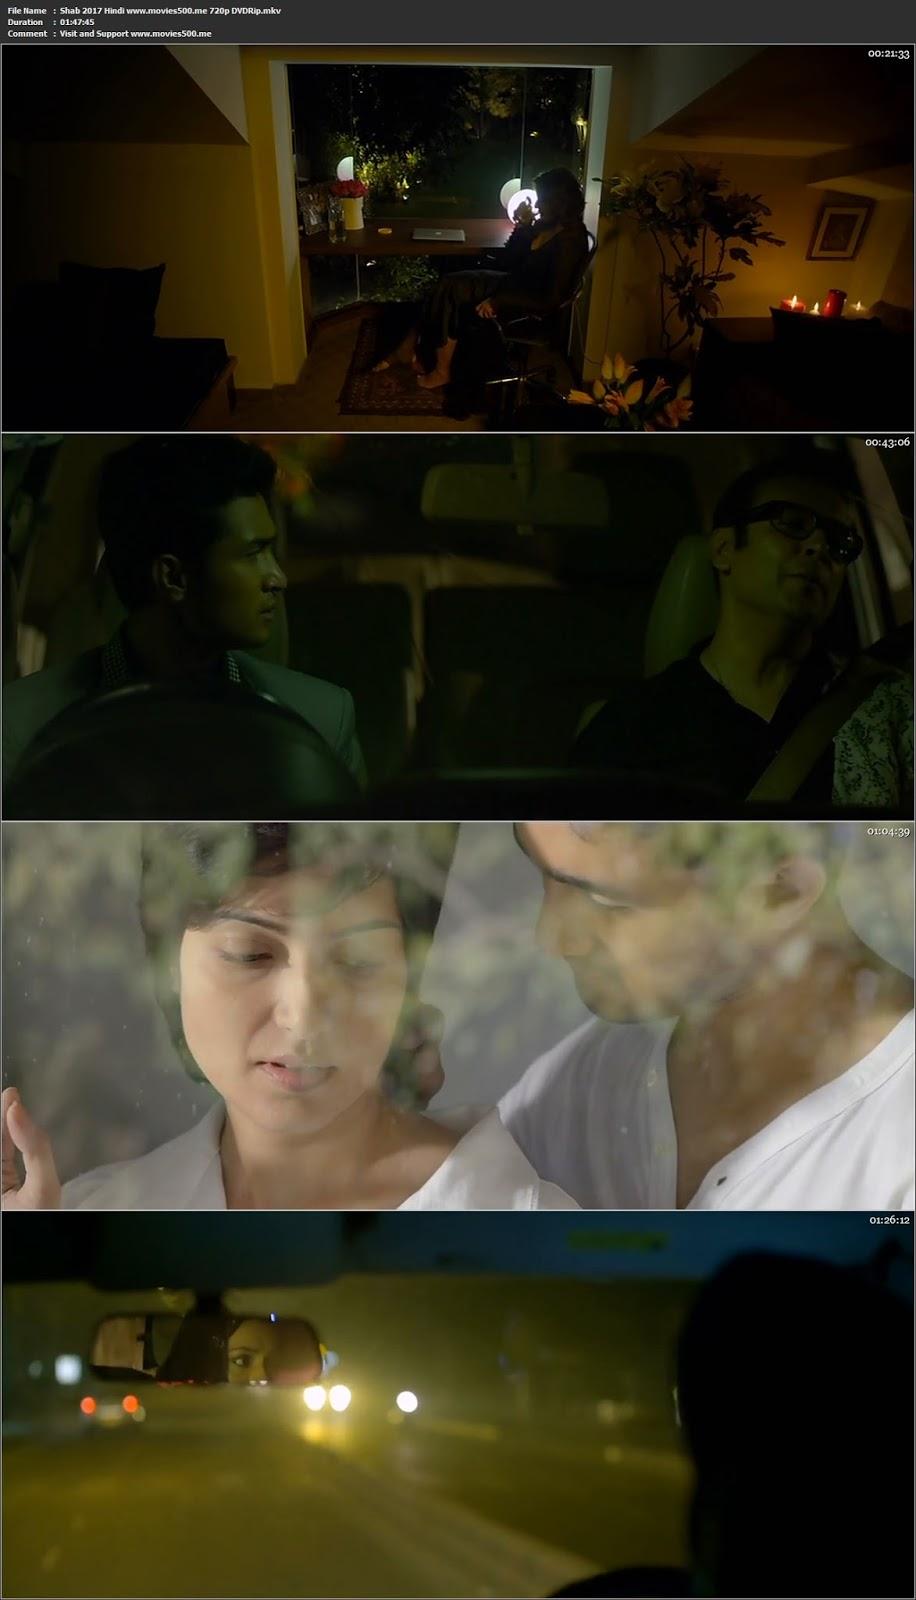 Shab 2017 Hindi Full Movie 800MB DVDRip 720p at movies500.info